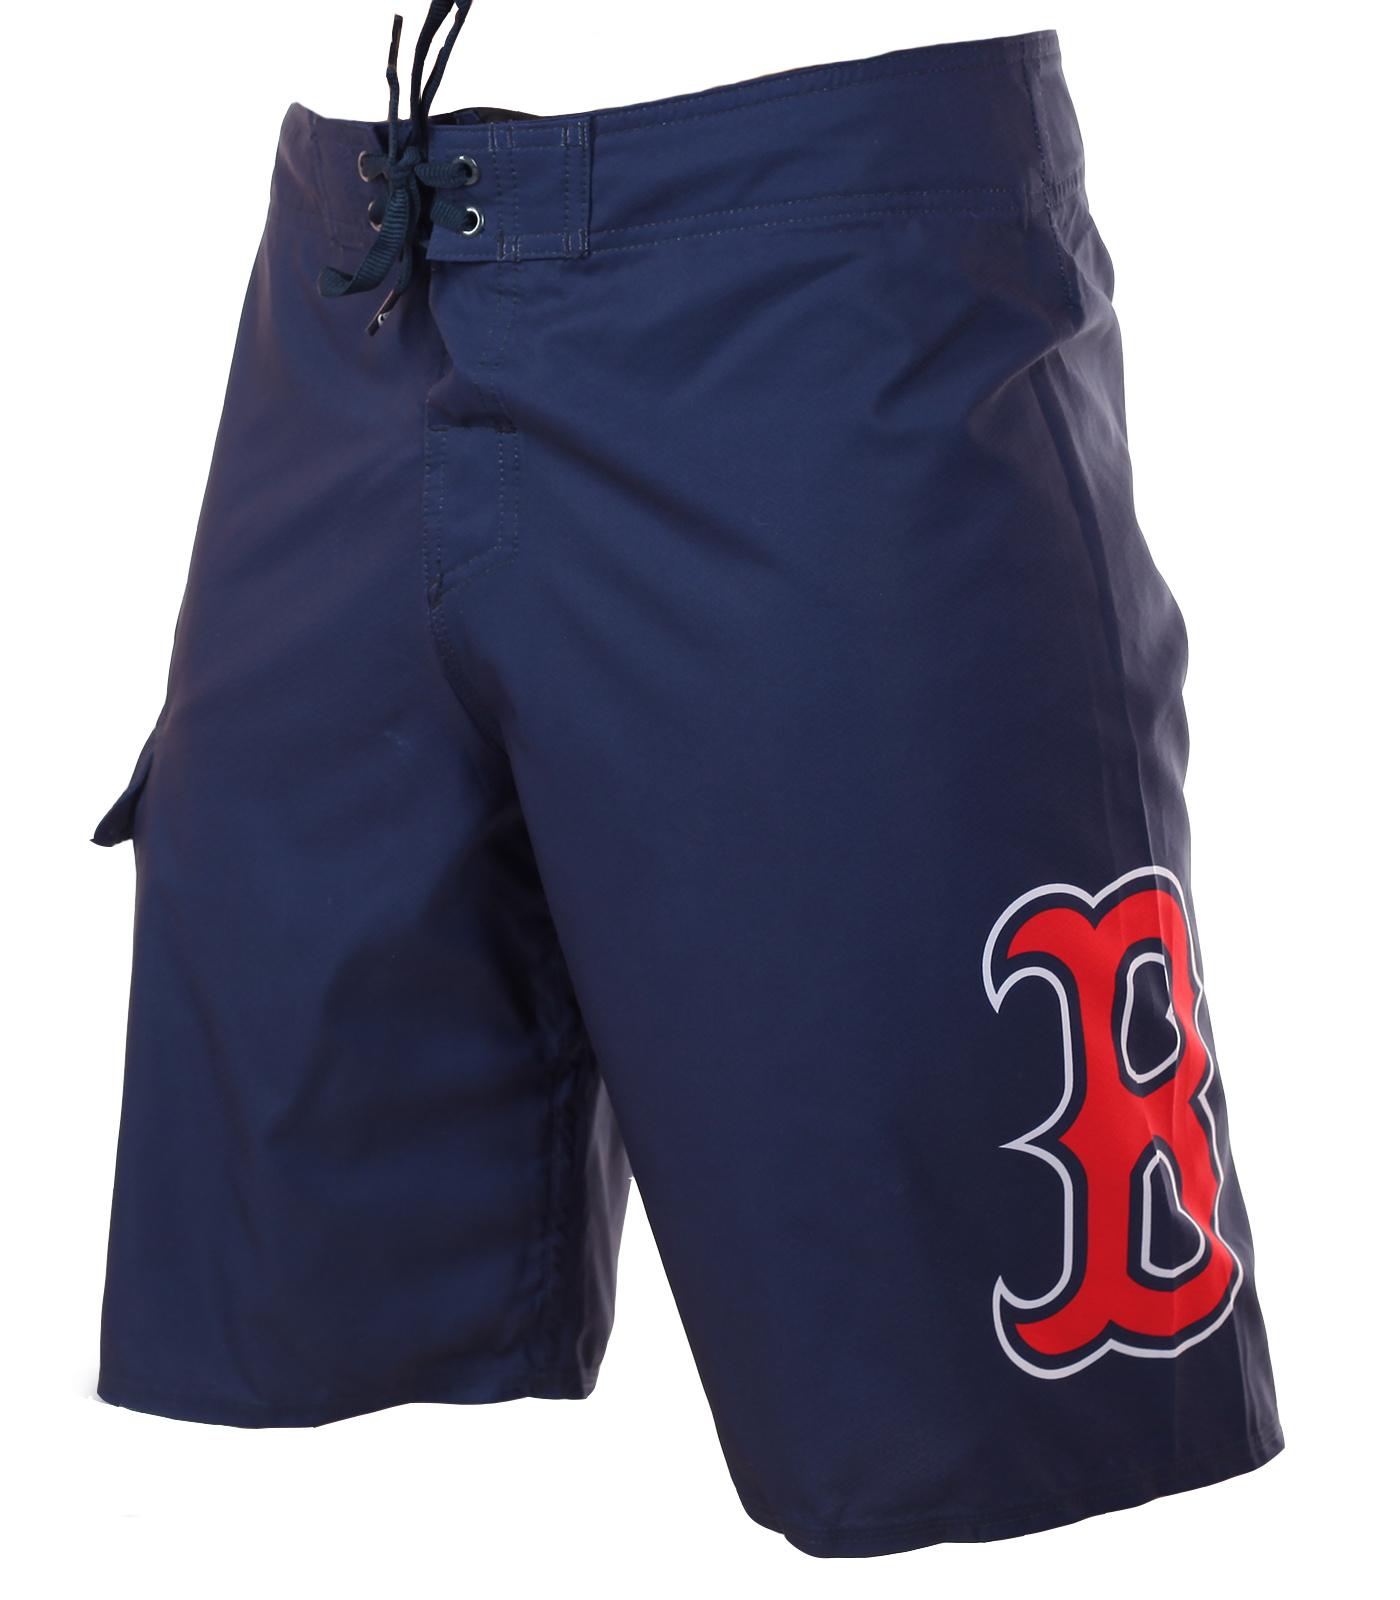 Лаконичные бордшорты с лого бейсбольного клуба MLB Boston Red Sox - купить по низкой цене